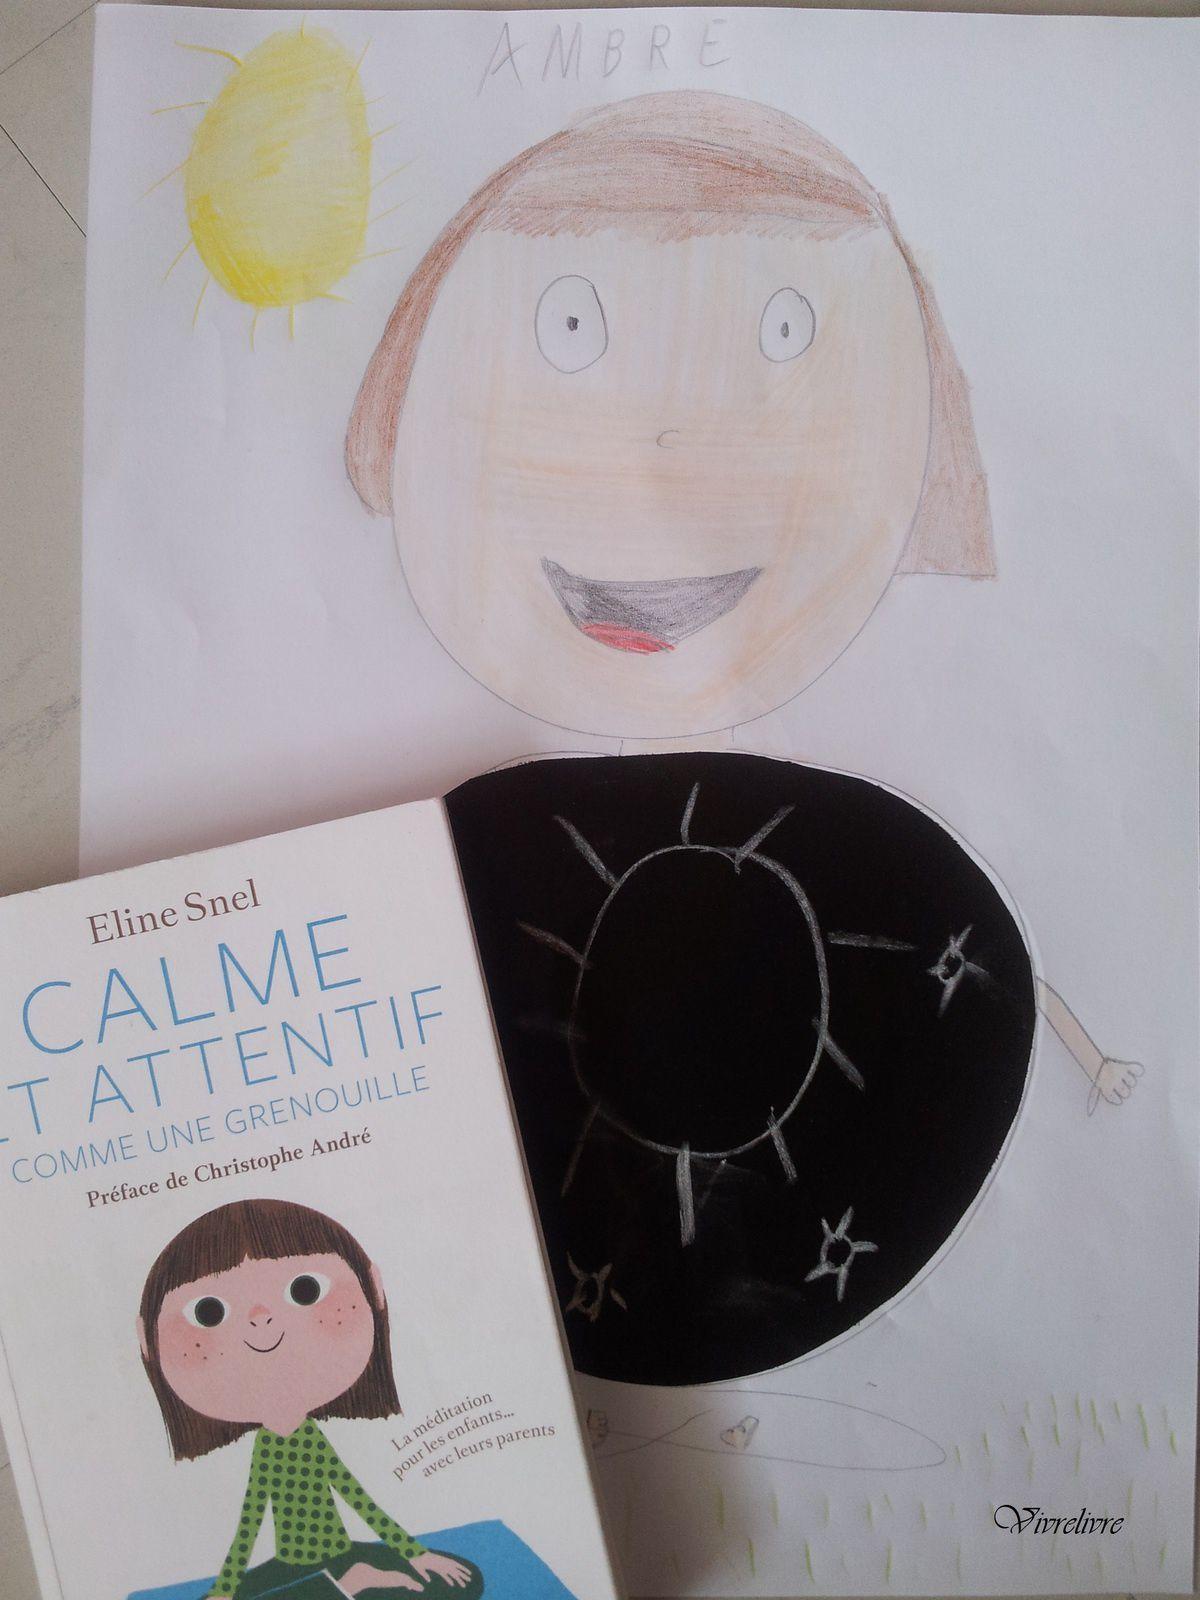 Calme Et Attentif Comme Une Grenouille. La Méditation Pour concernant La Grenouille Meditation